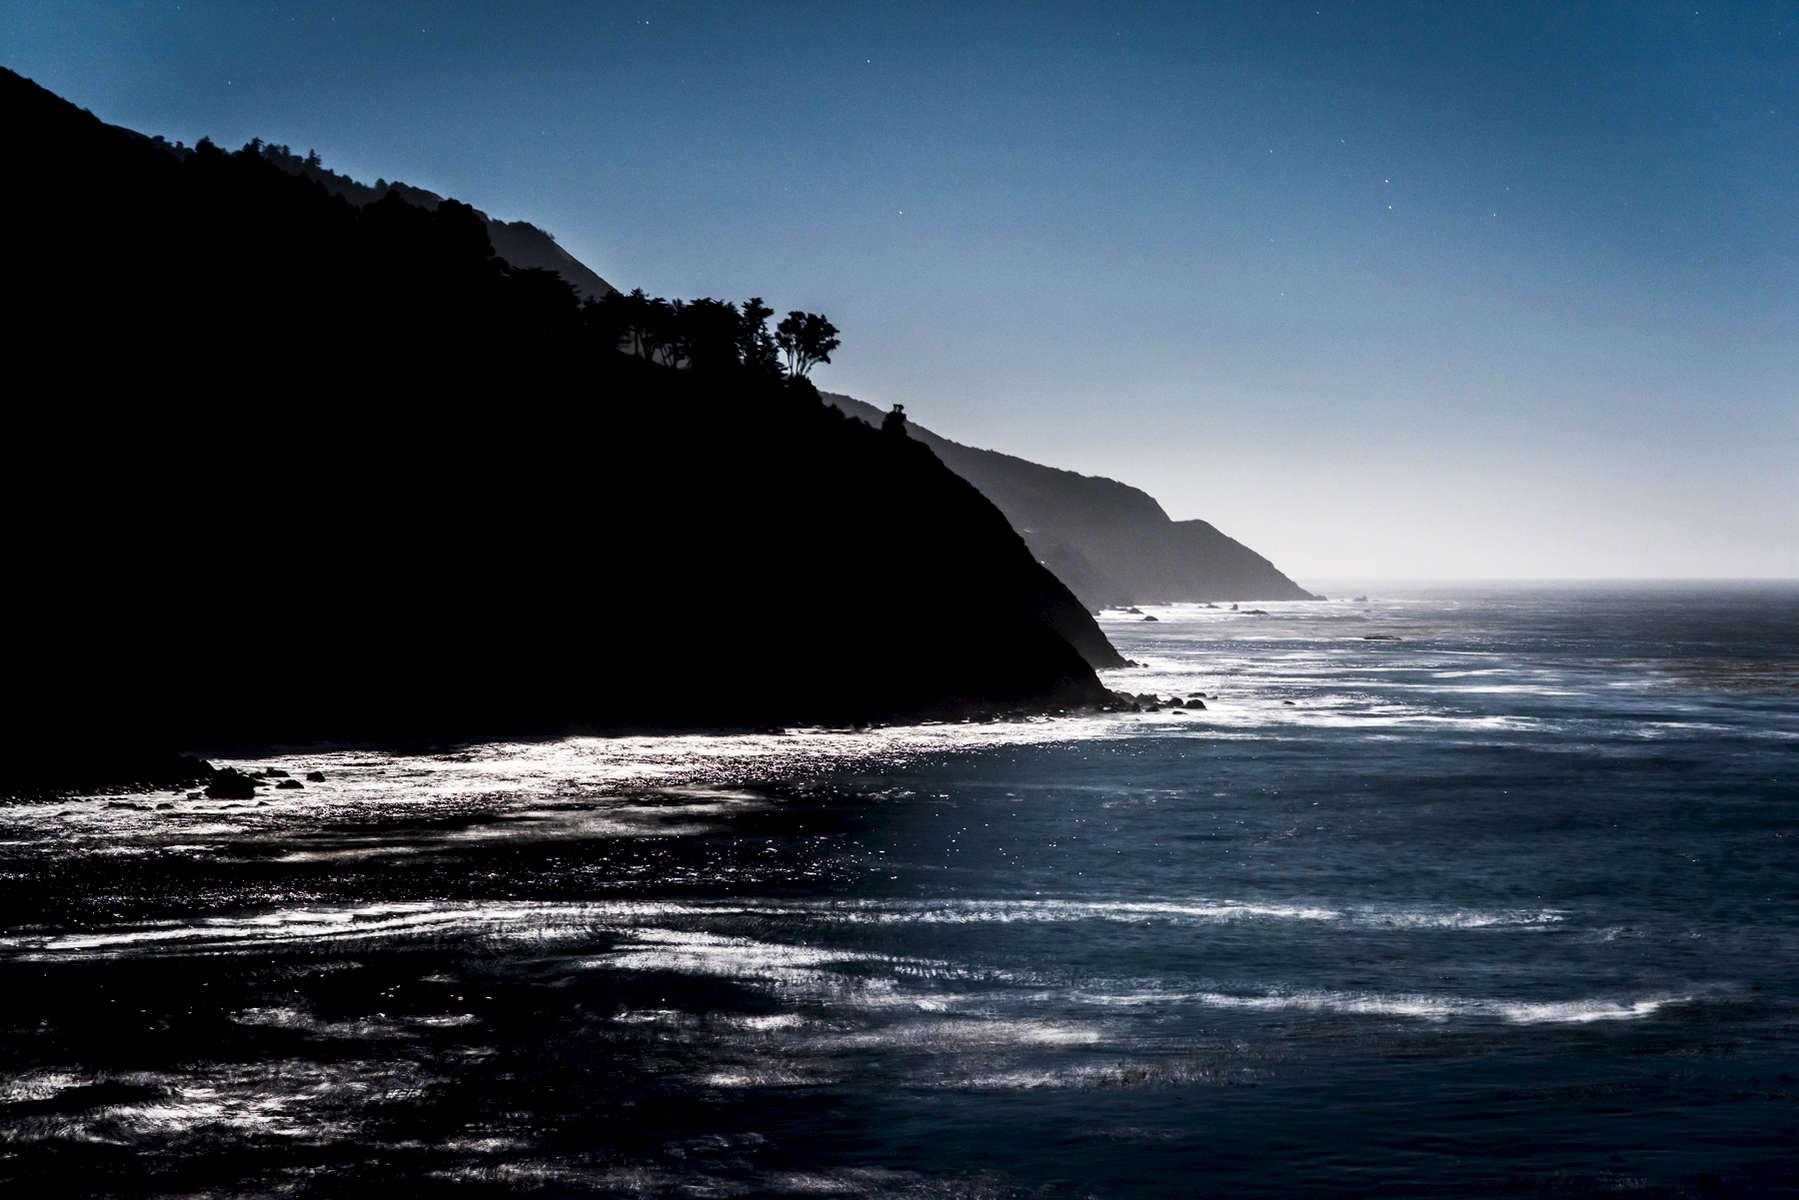 Moonlit Hills & Sea